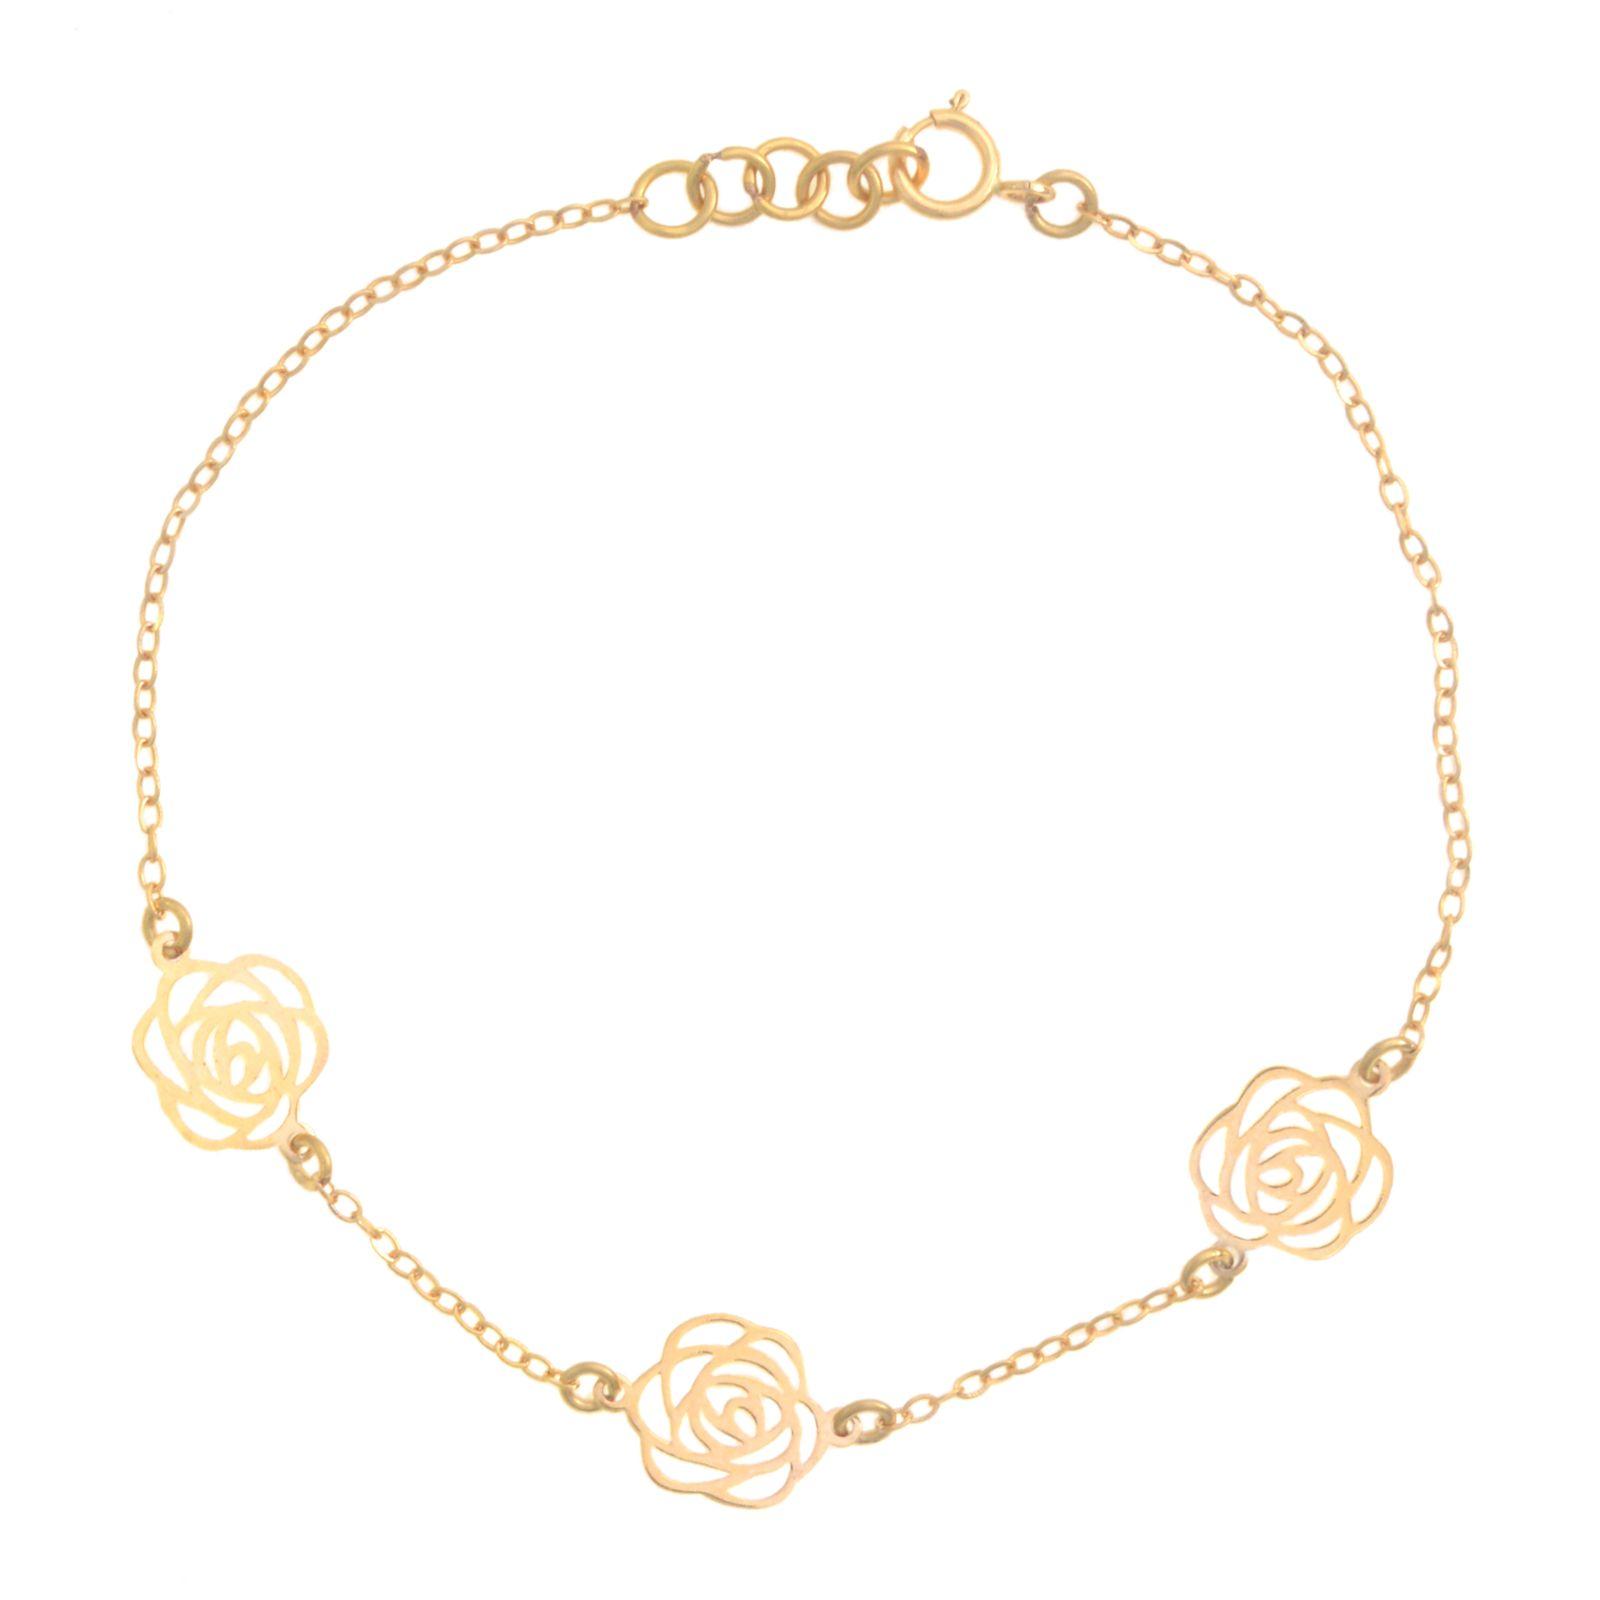 دستبند طلا 18 عیار زنانه کد 67031 -  - 2